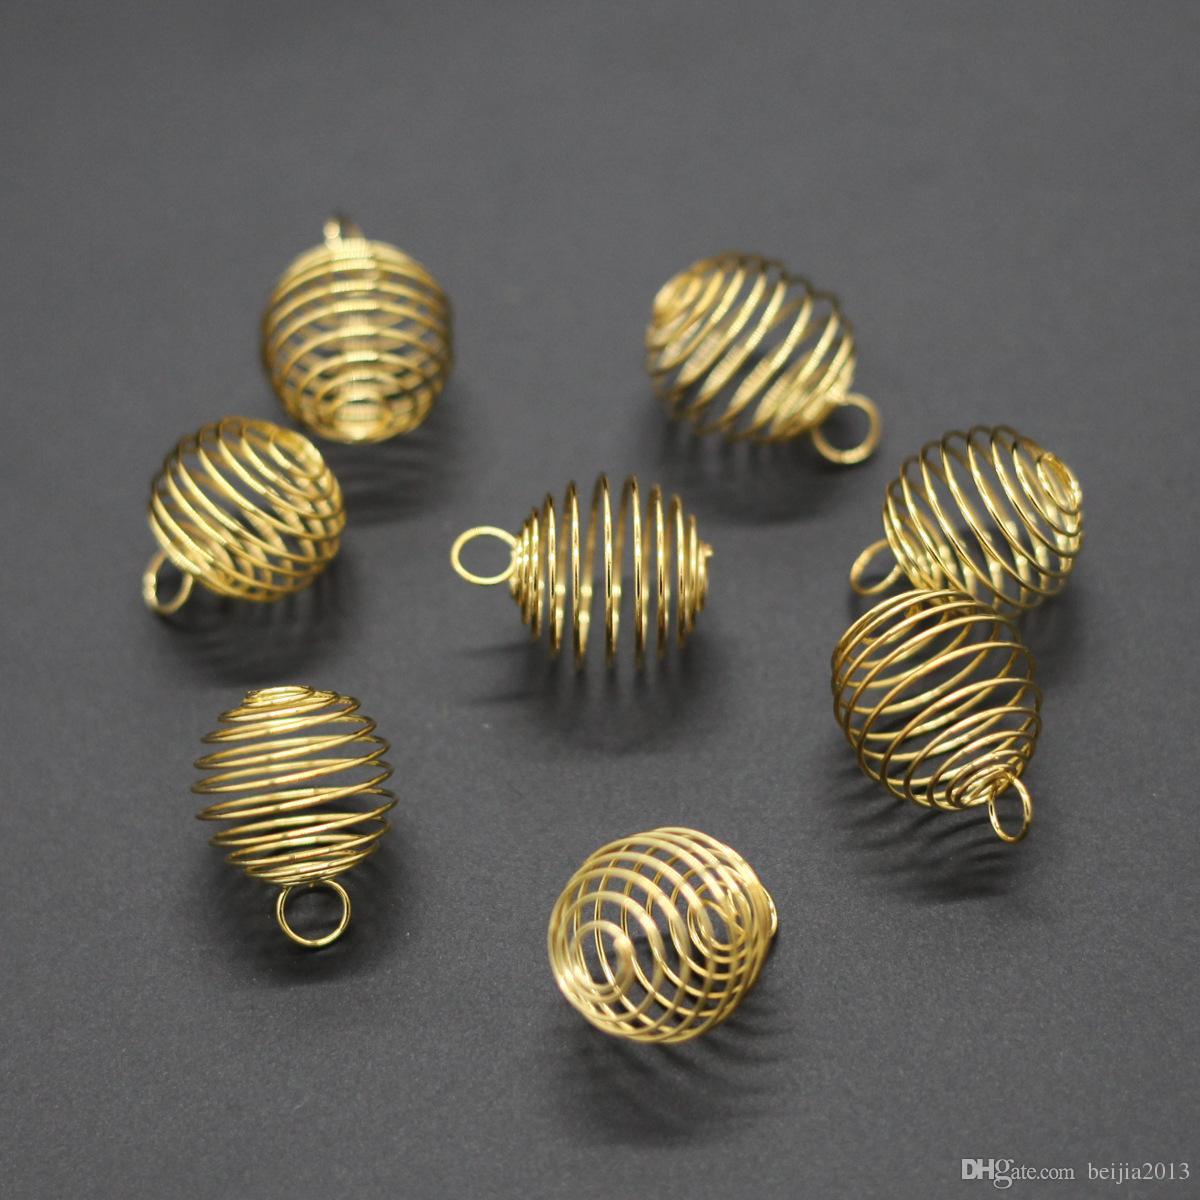 frete grátis / lote prateado espiral Bead Gaiolas Pingentes Descobertas 9x13mm Descobertas jóias New Jóias tomada de DIY